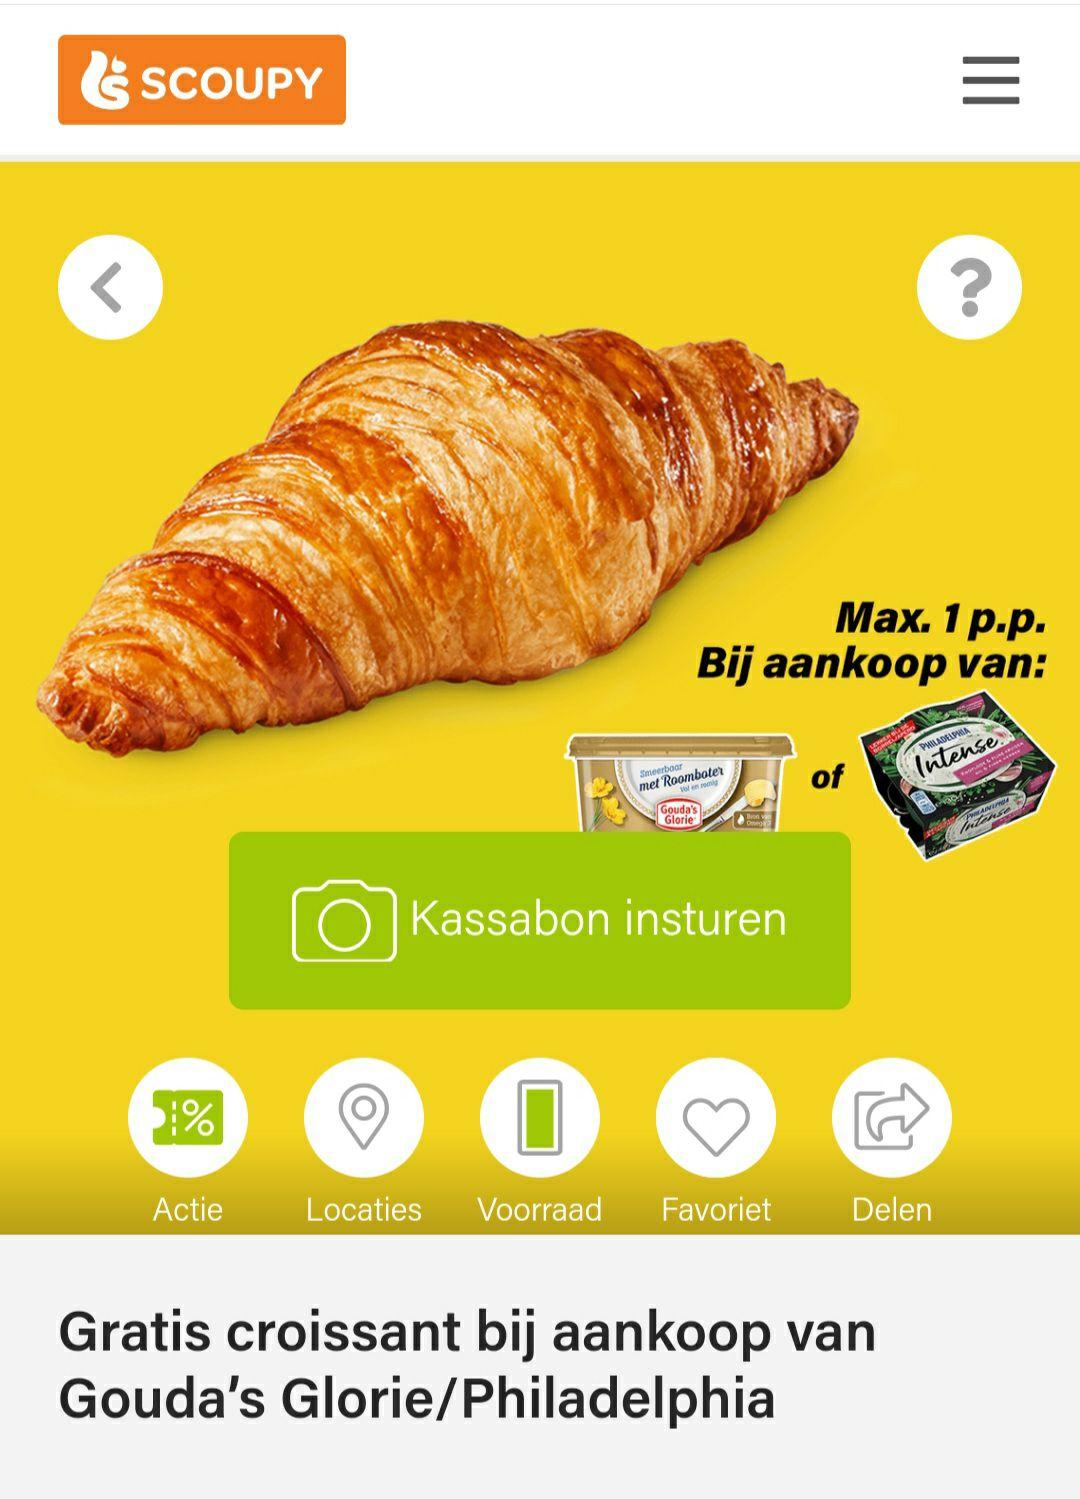 Gratis croissant bij aankoop van Gouda's Glorie/Philadelphia